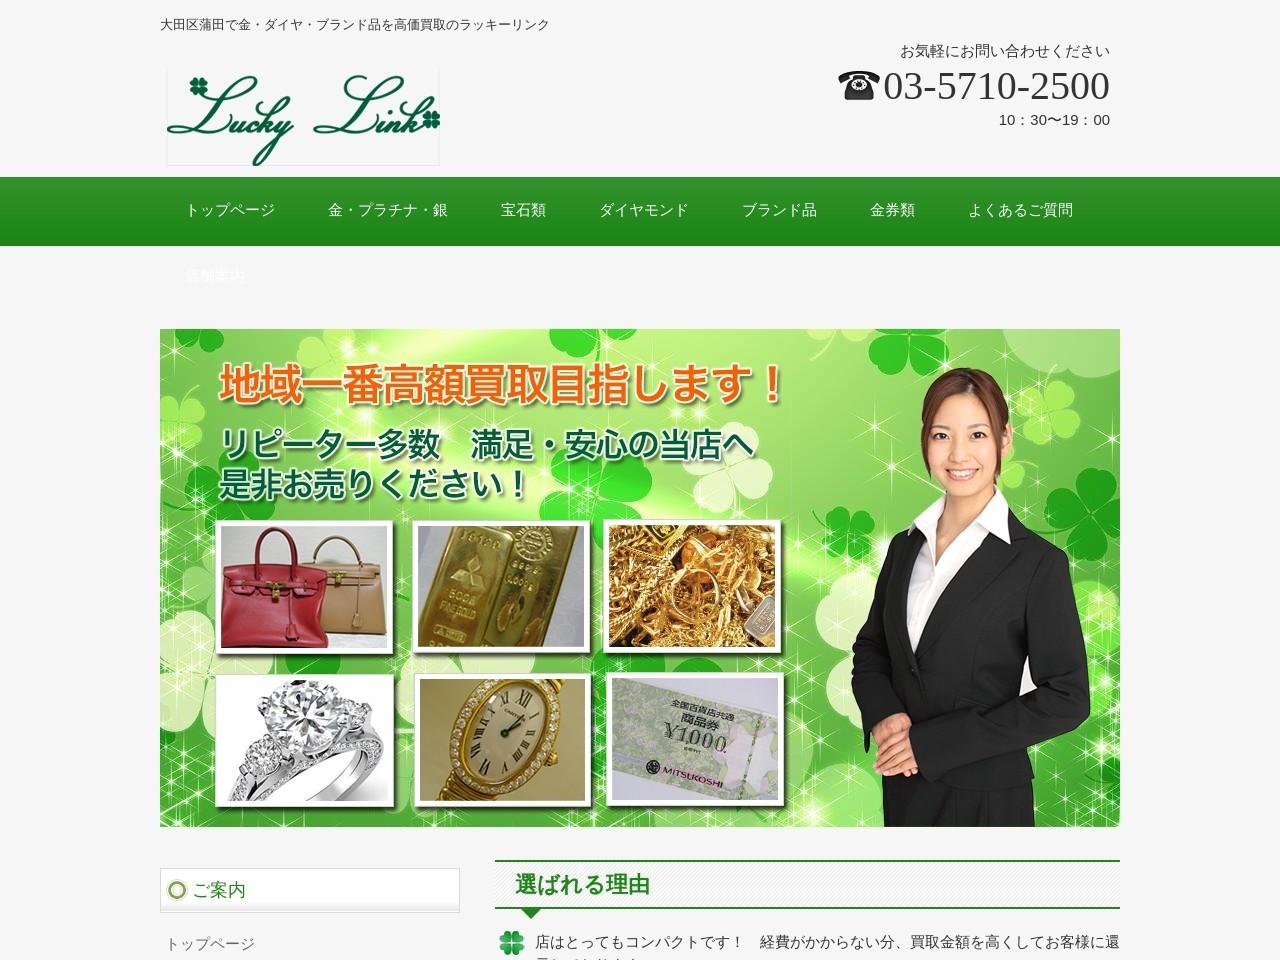 大田区蒲田で金・ダイヤ・ブランド品を高価買取のラッキーリンク